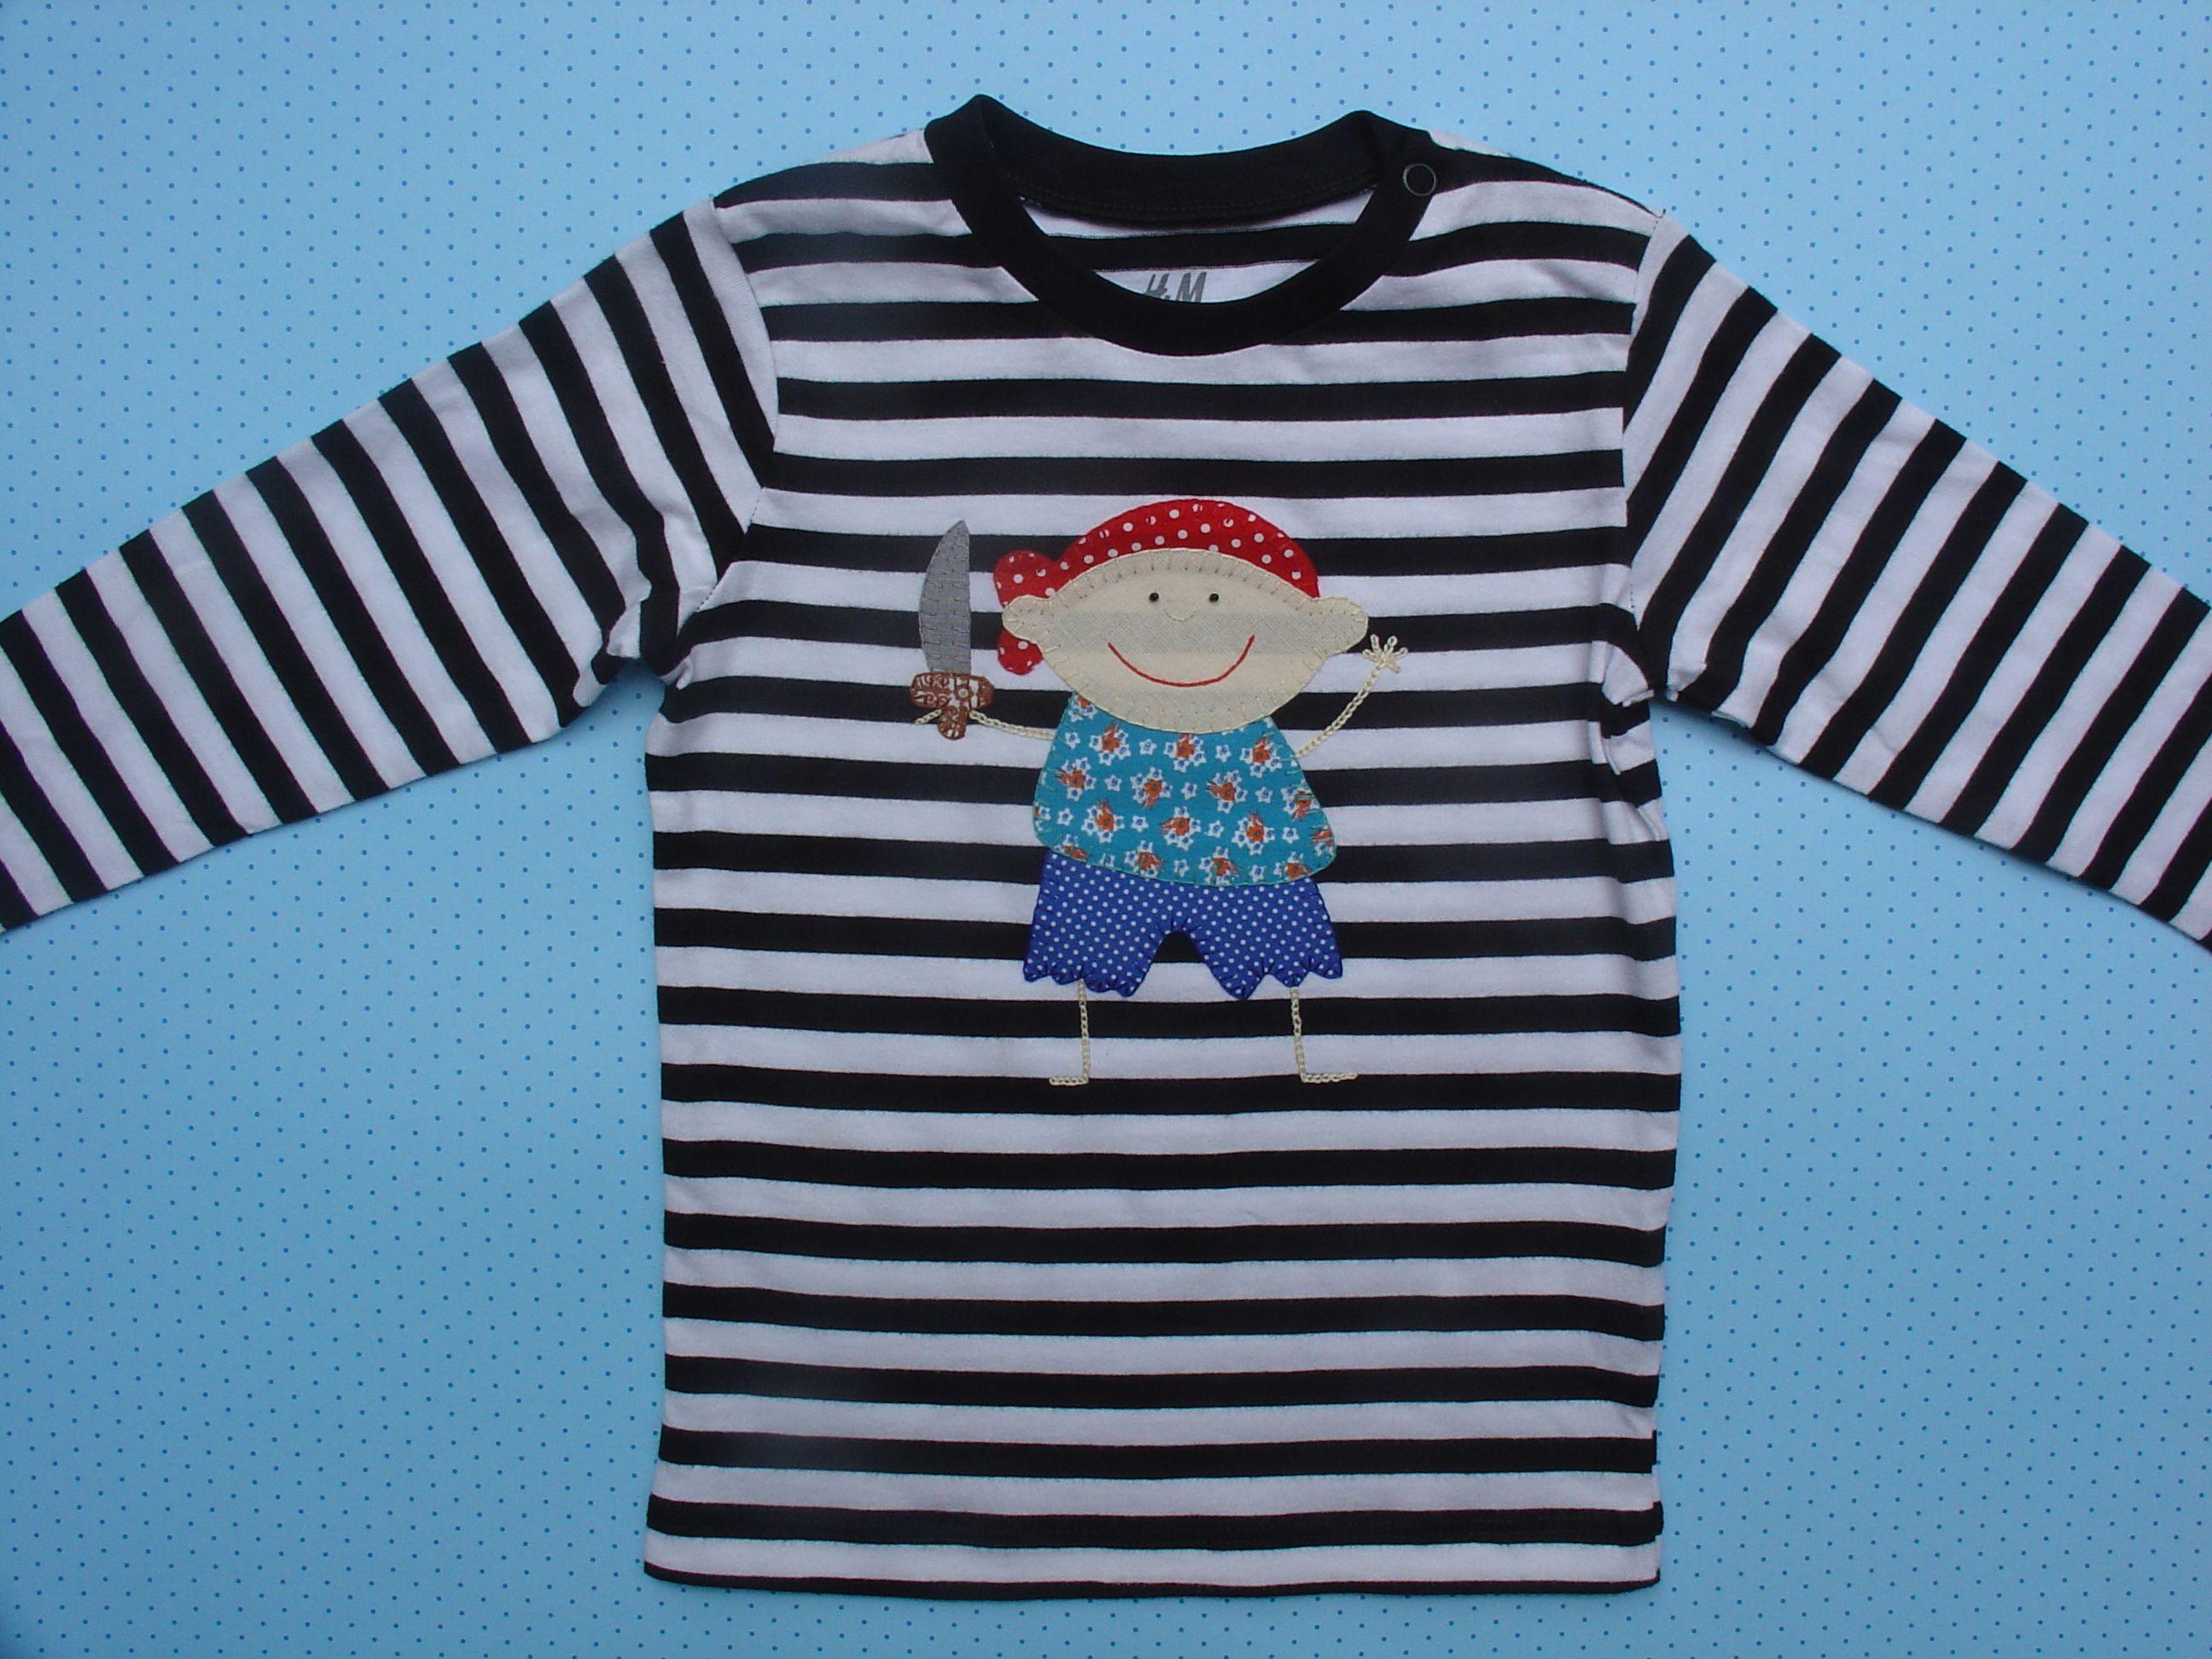 Camiseta A Rayas Blancas Y Negras Con Nino Pirata De Aplicaciones